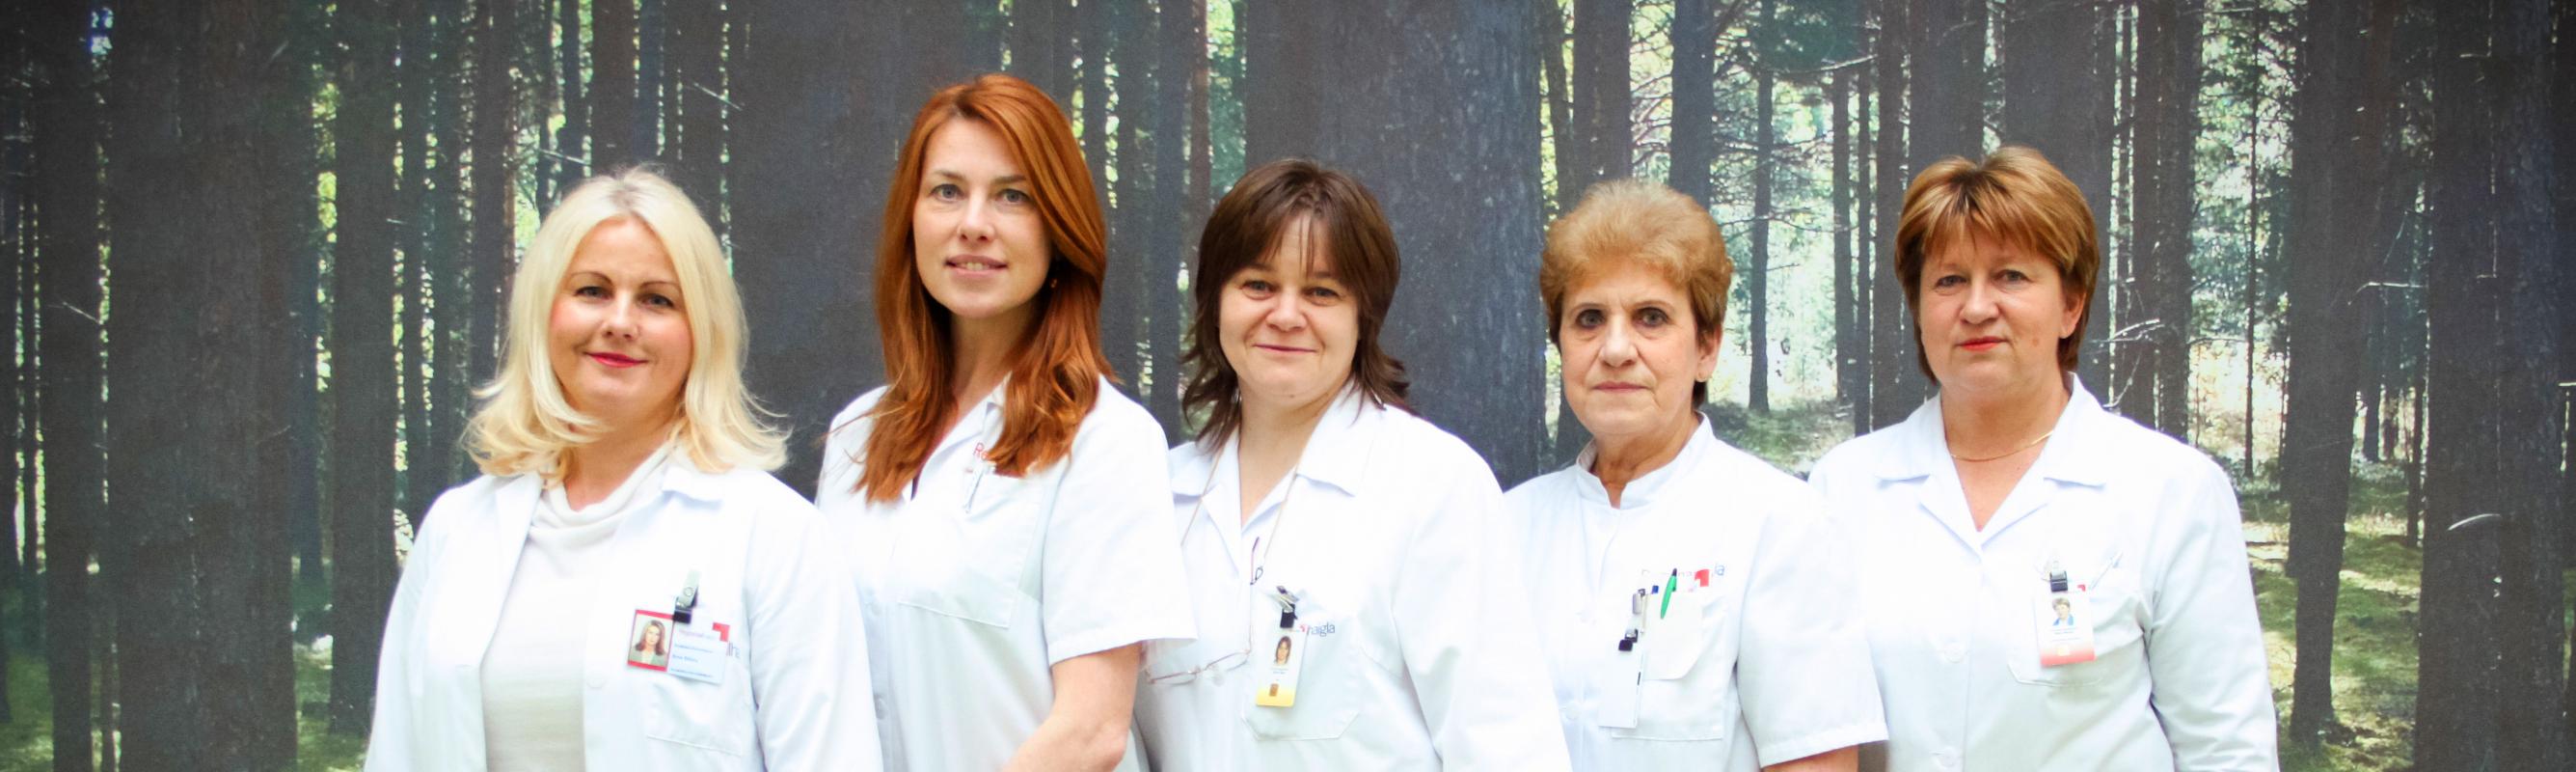 Pulmonoloogiapolikliiniku töökas naispere